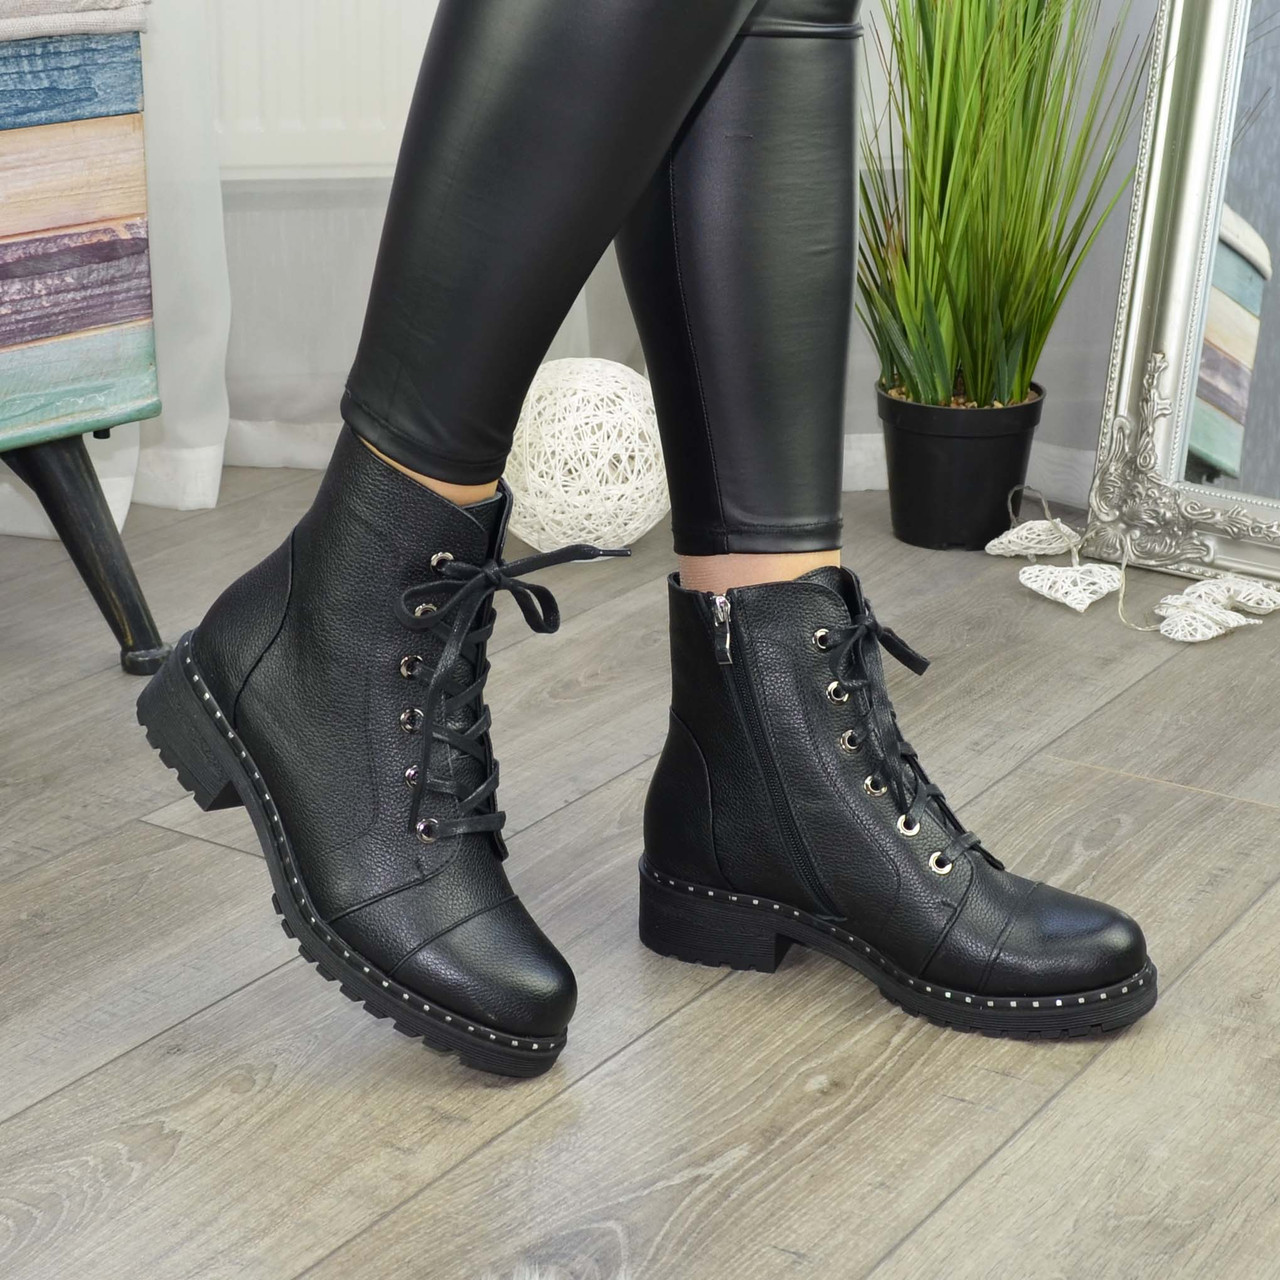 Ботинки женские на невысоком устойчивом каблуке. Цвет черный